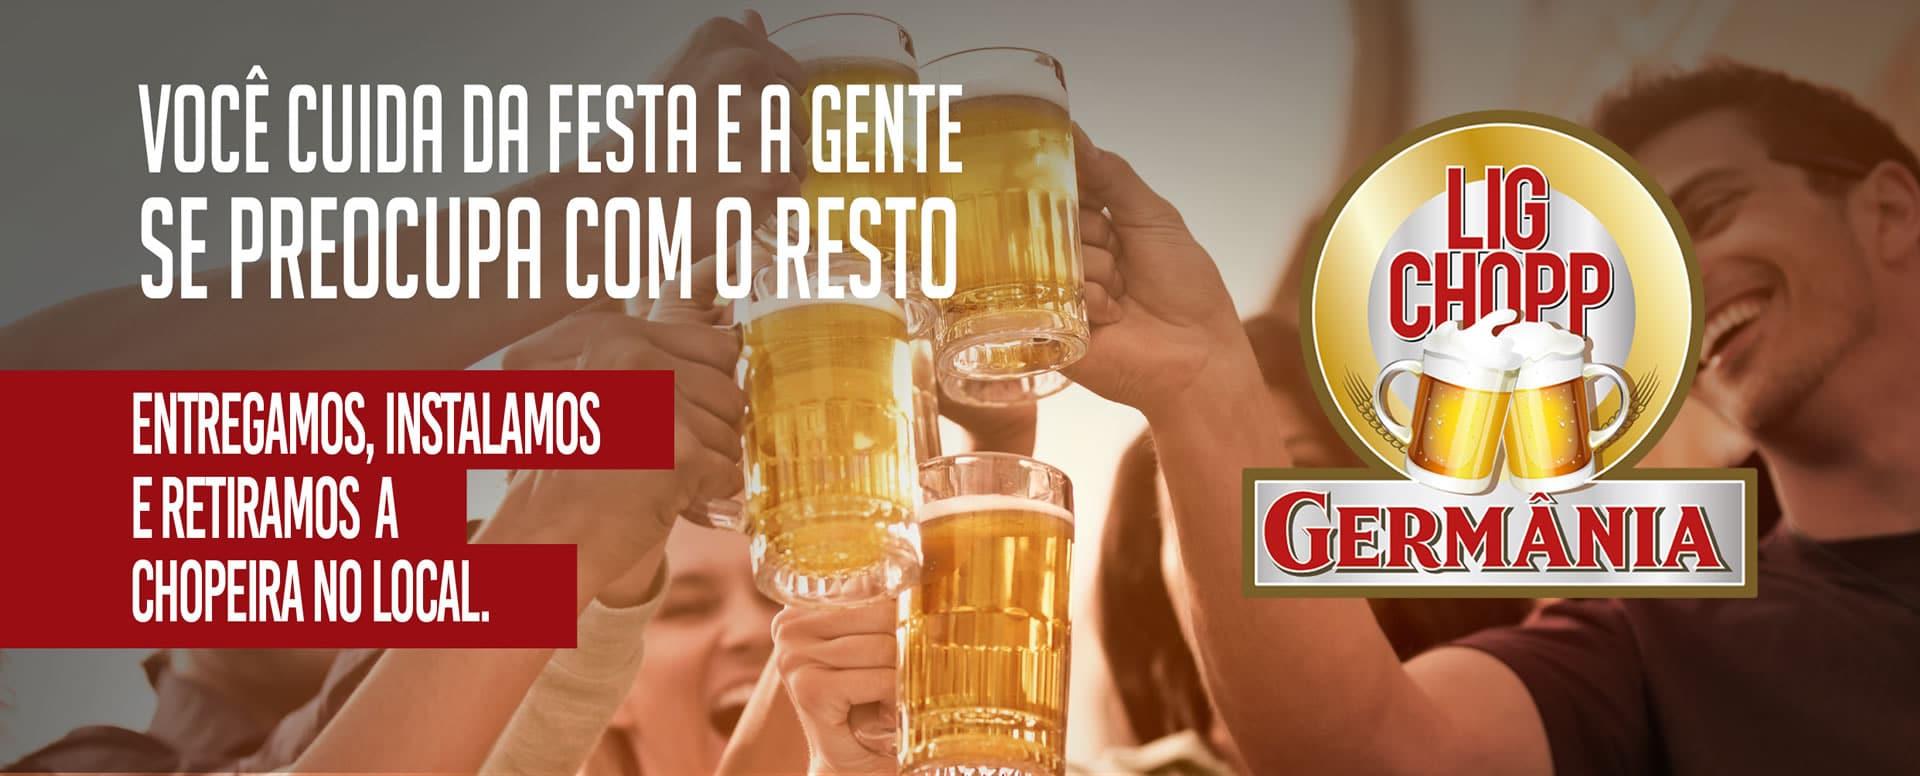 Promoção de Chopp, Promoção de Cerveja